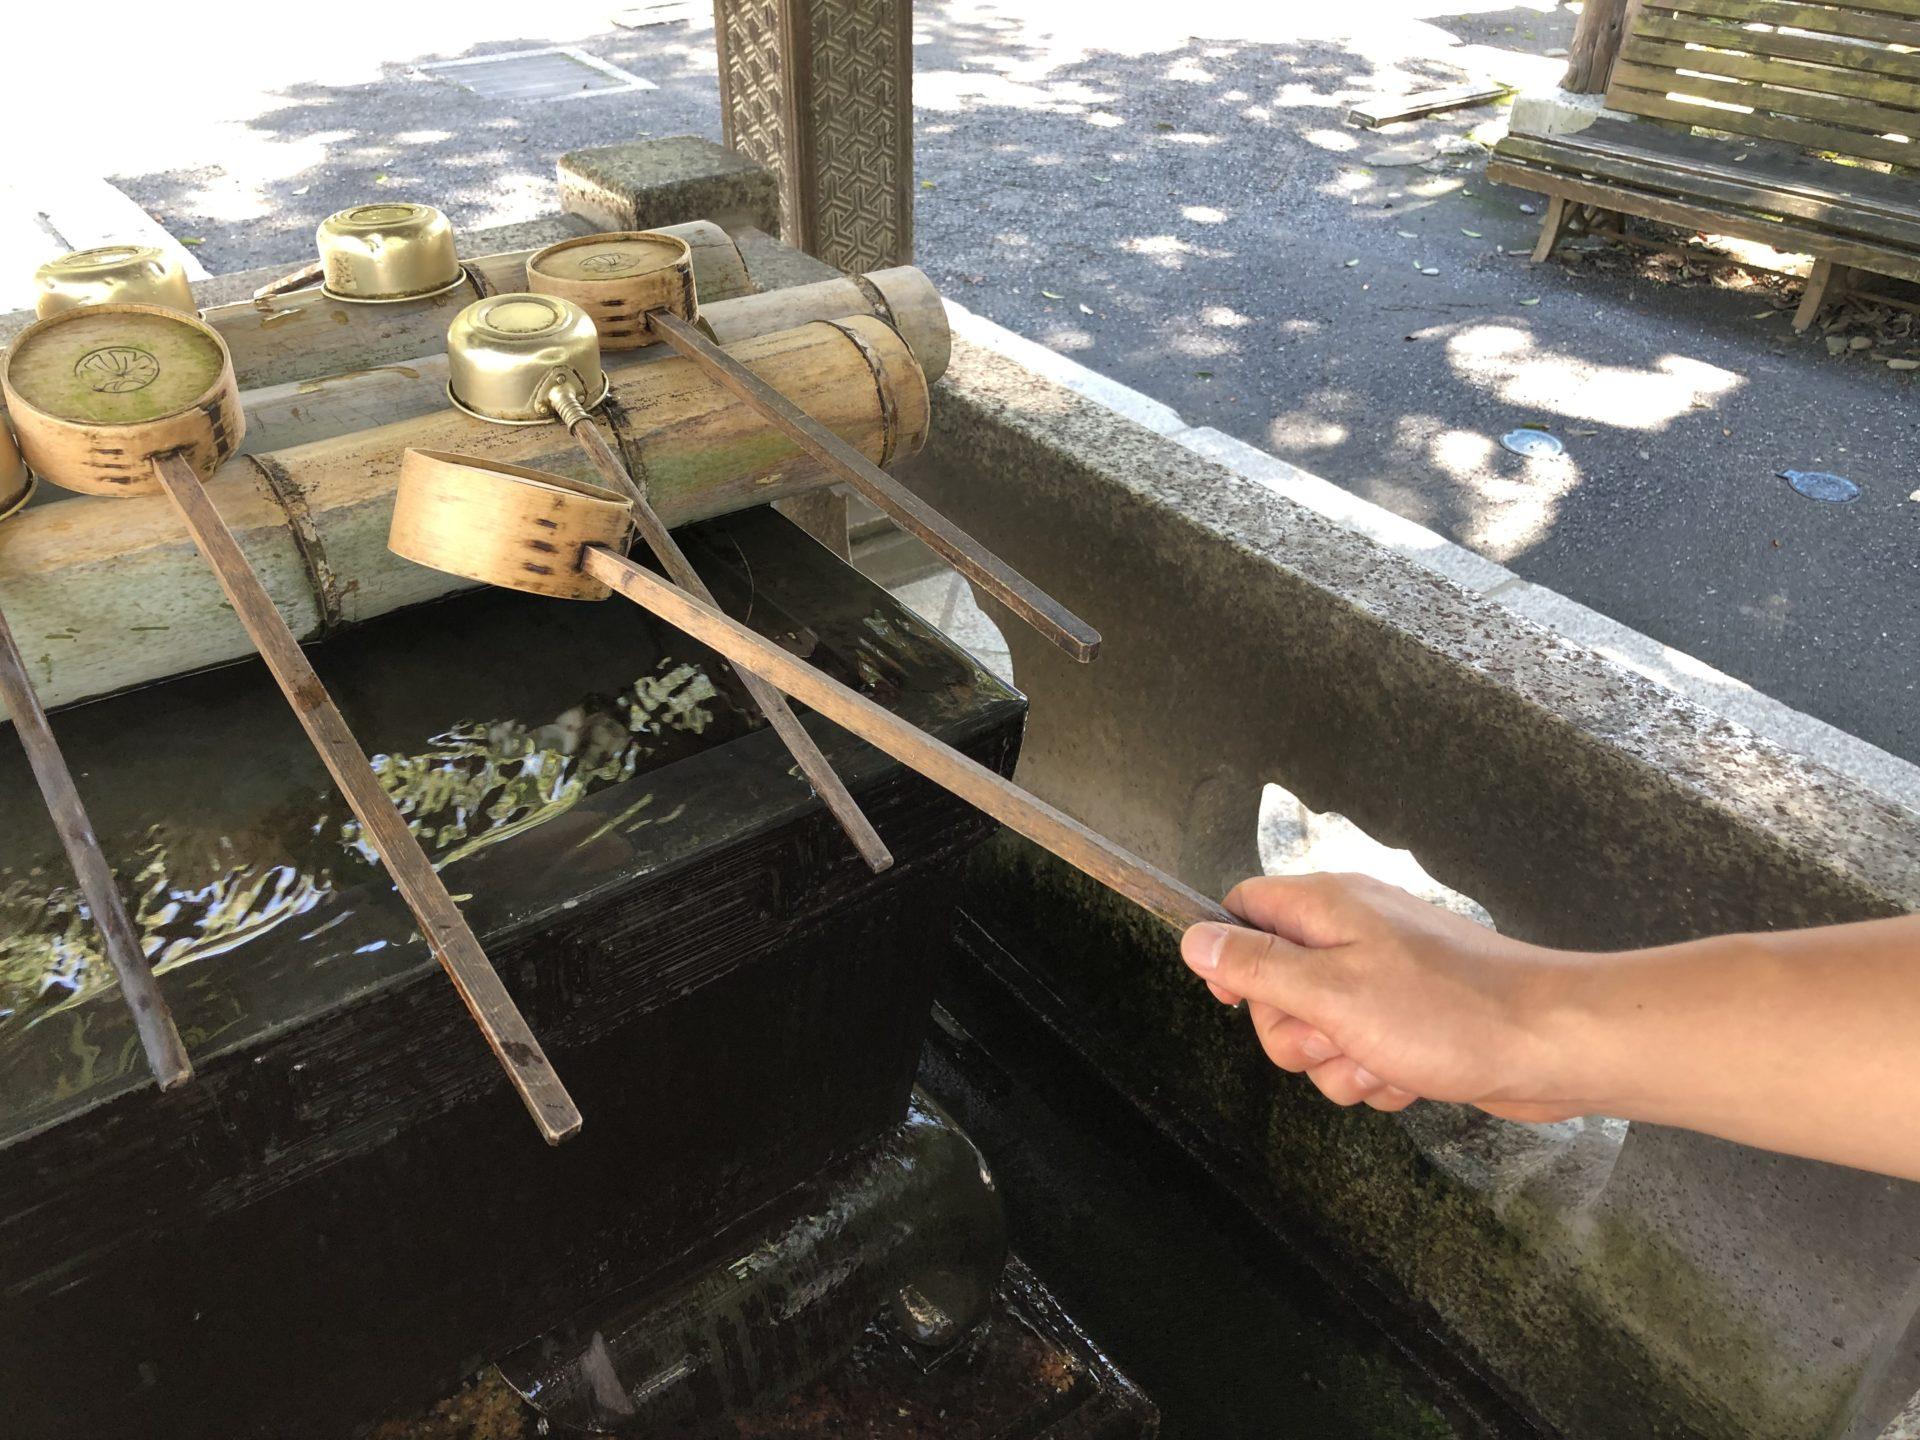 右手で柄杓を持って水を汲む